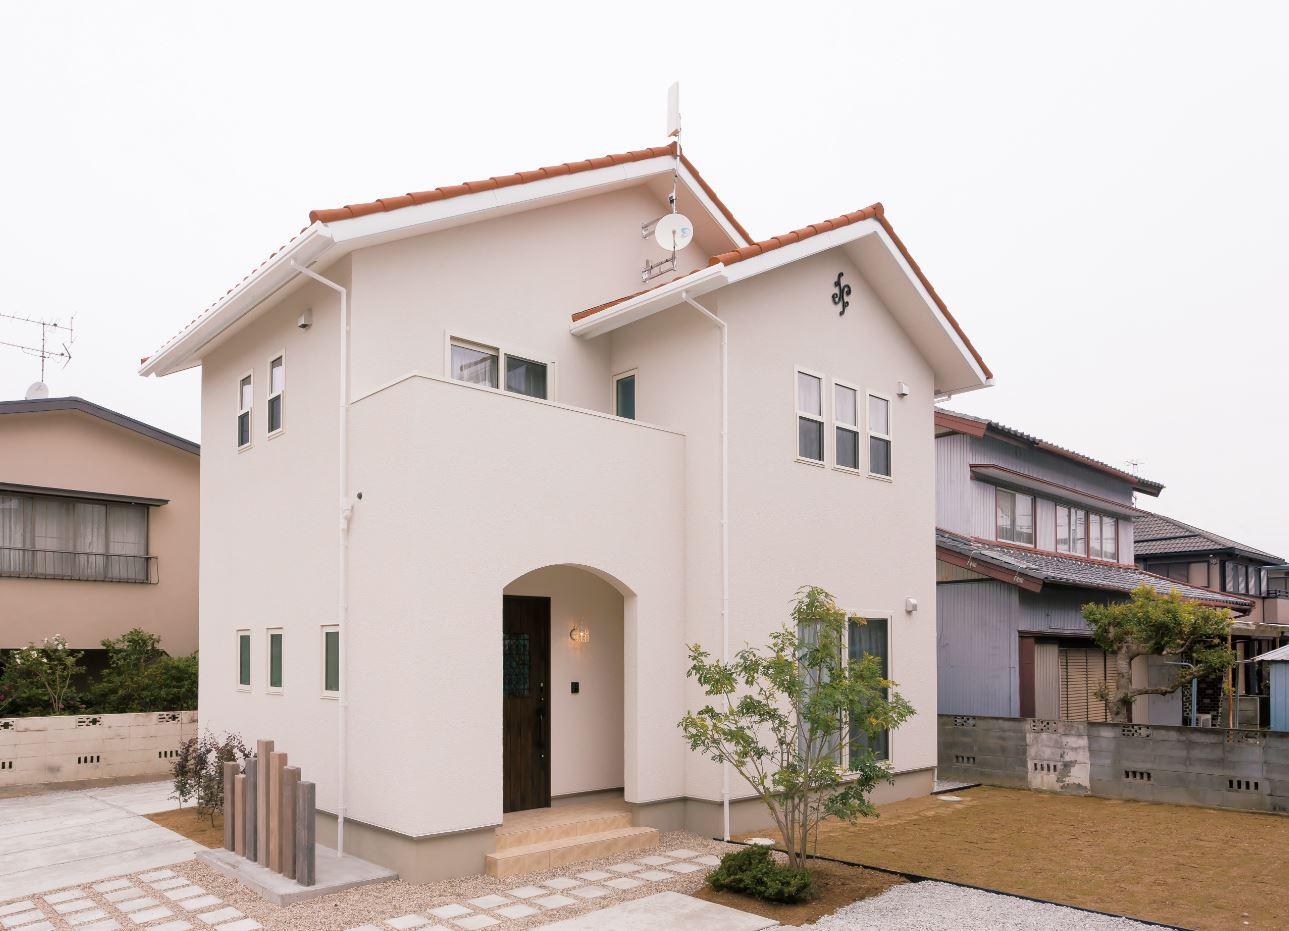 ユニバーサルホーム(浜松東店・掛川店)【デザイン住宅、自然素材、インテリア】特殊工法で塗り壁に見える外壁には、火事・地震・騒音に強いALCを使用。オレンジ屋根や白い上げ下げ窓などかわいいポイントが満載